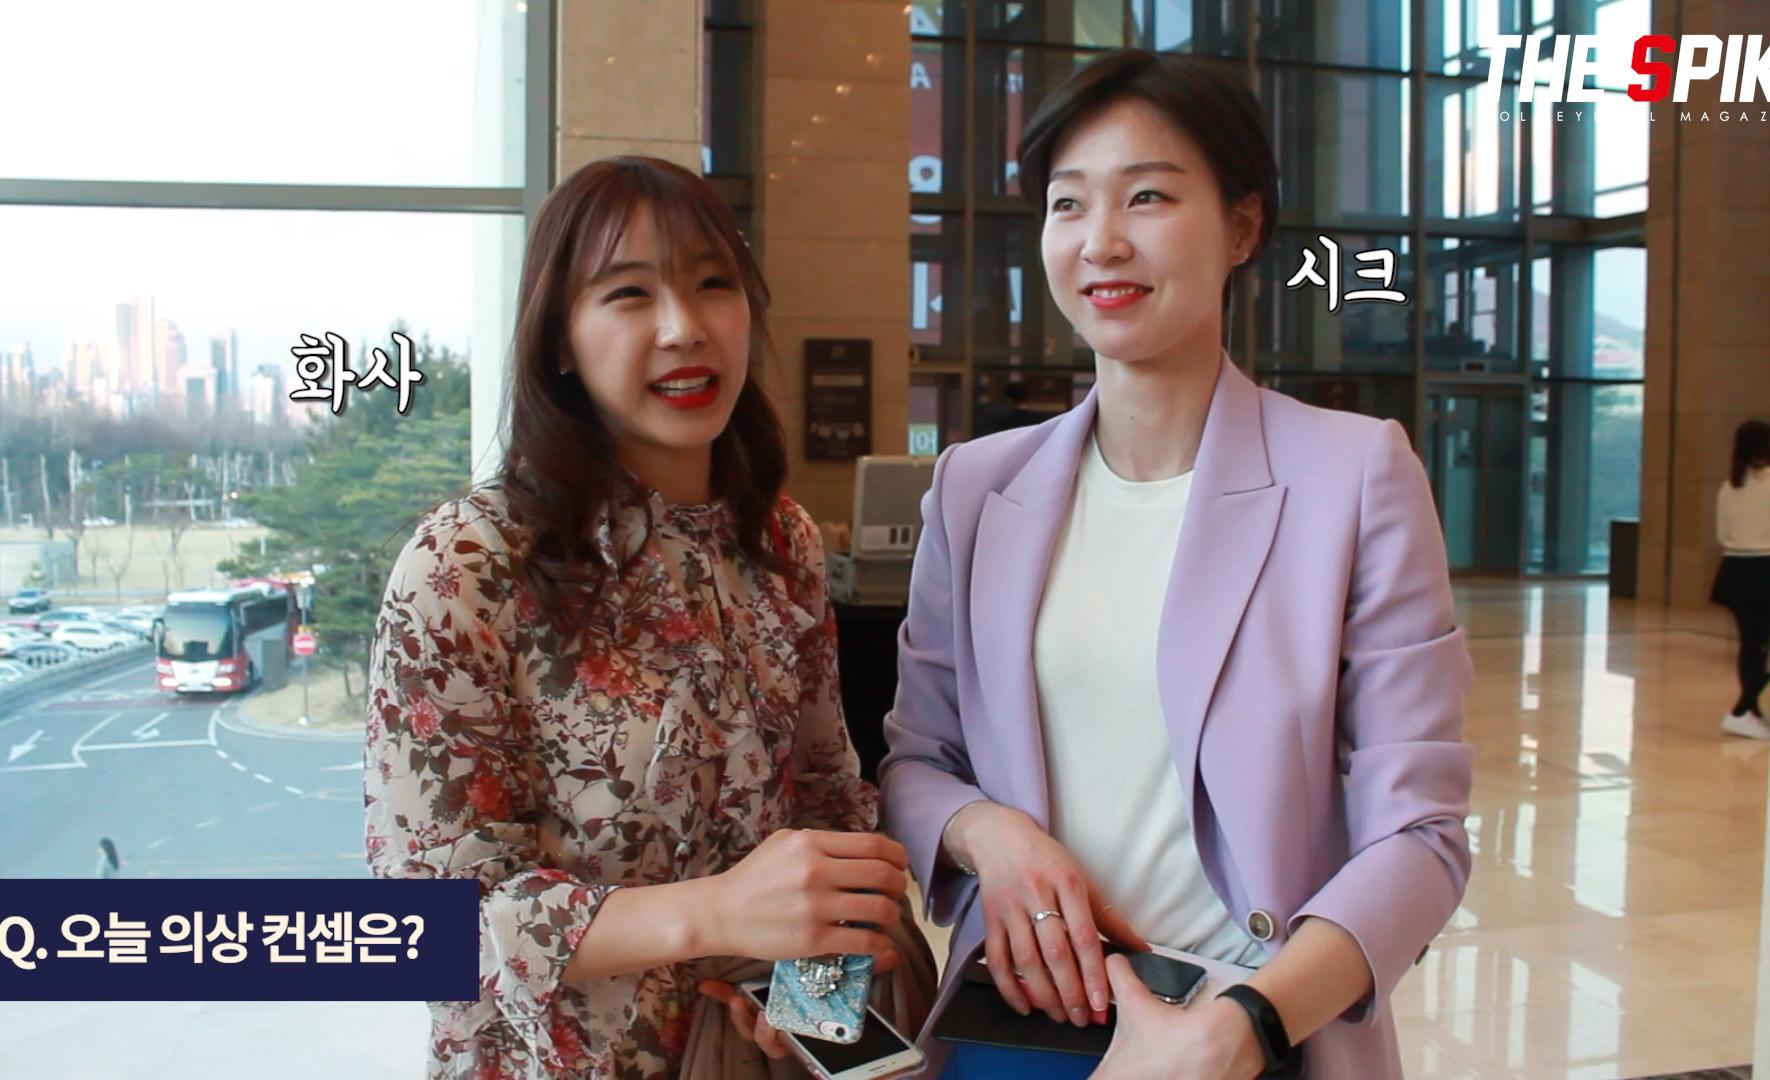 [SpikeTV] '시크', '단아', '블링블링' 시상식을 빛낸 별들의 패션 탐구!